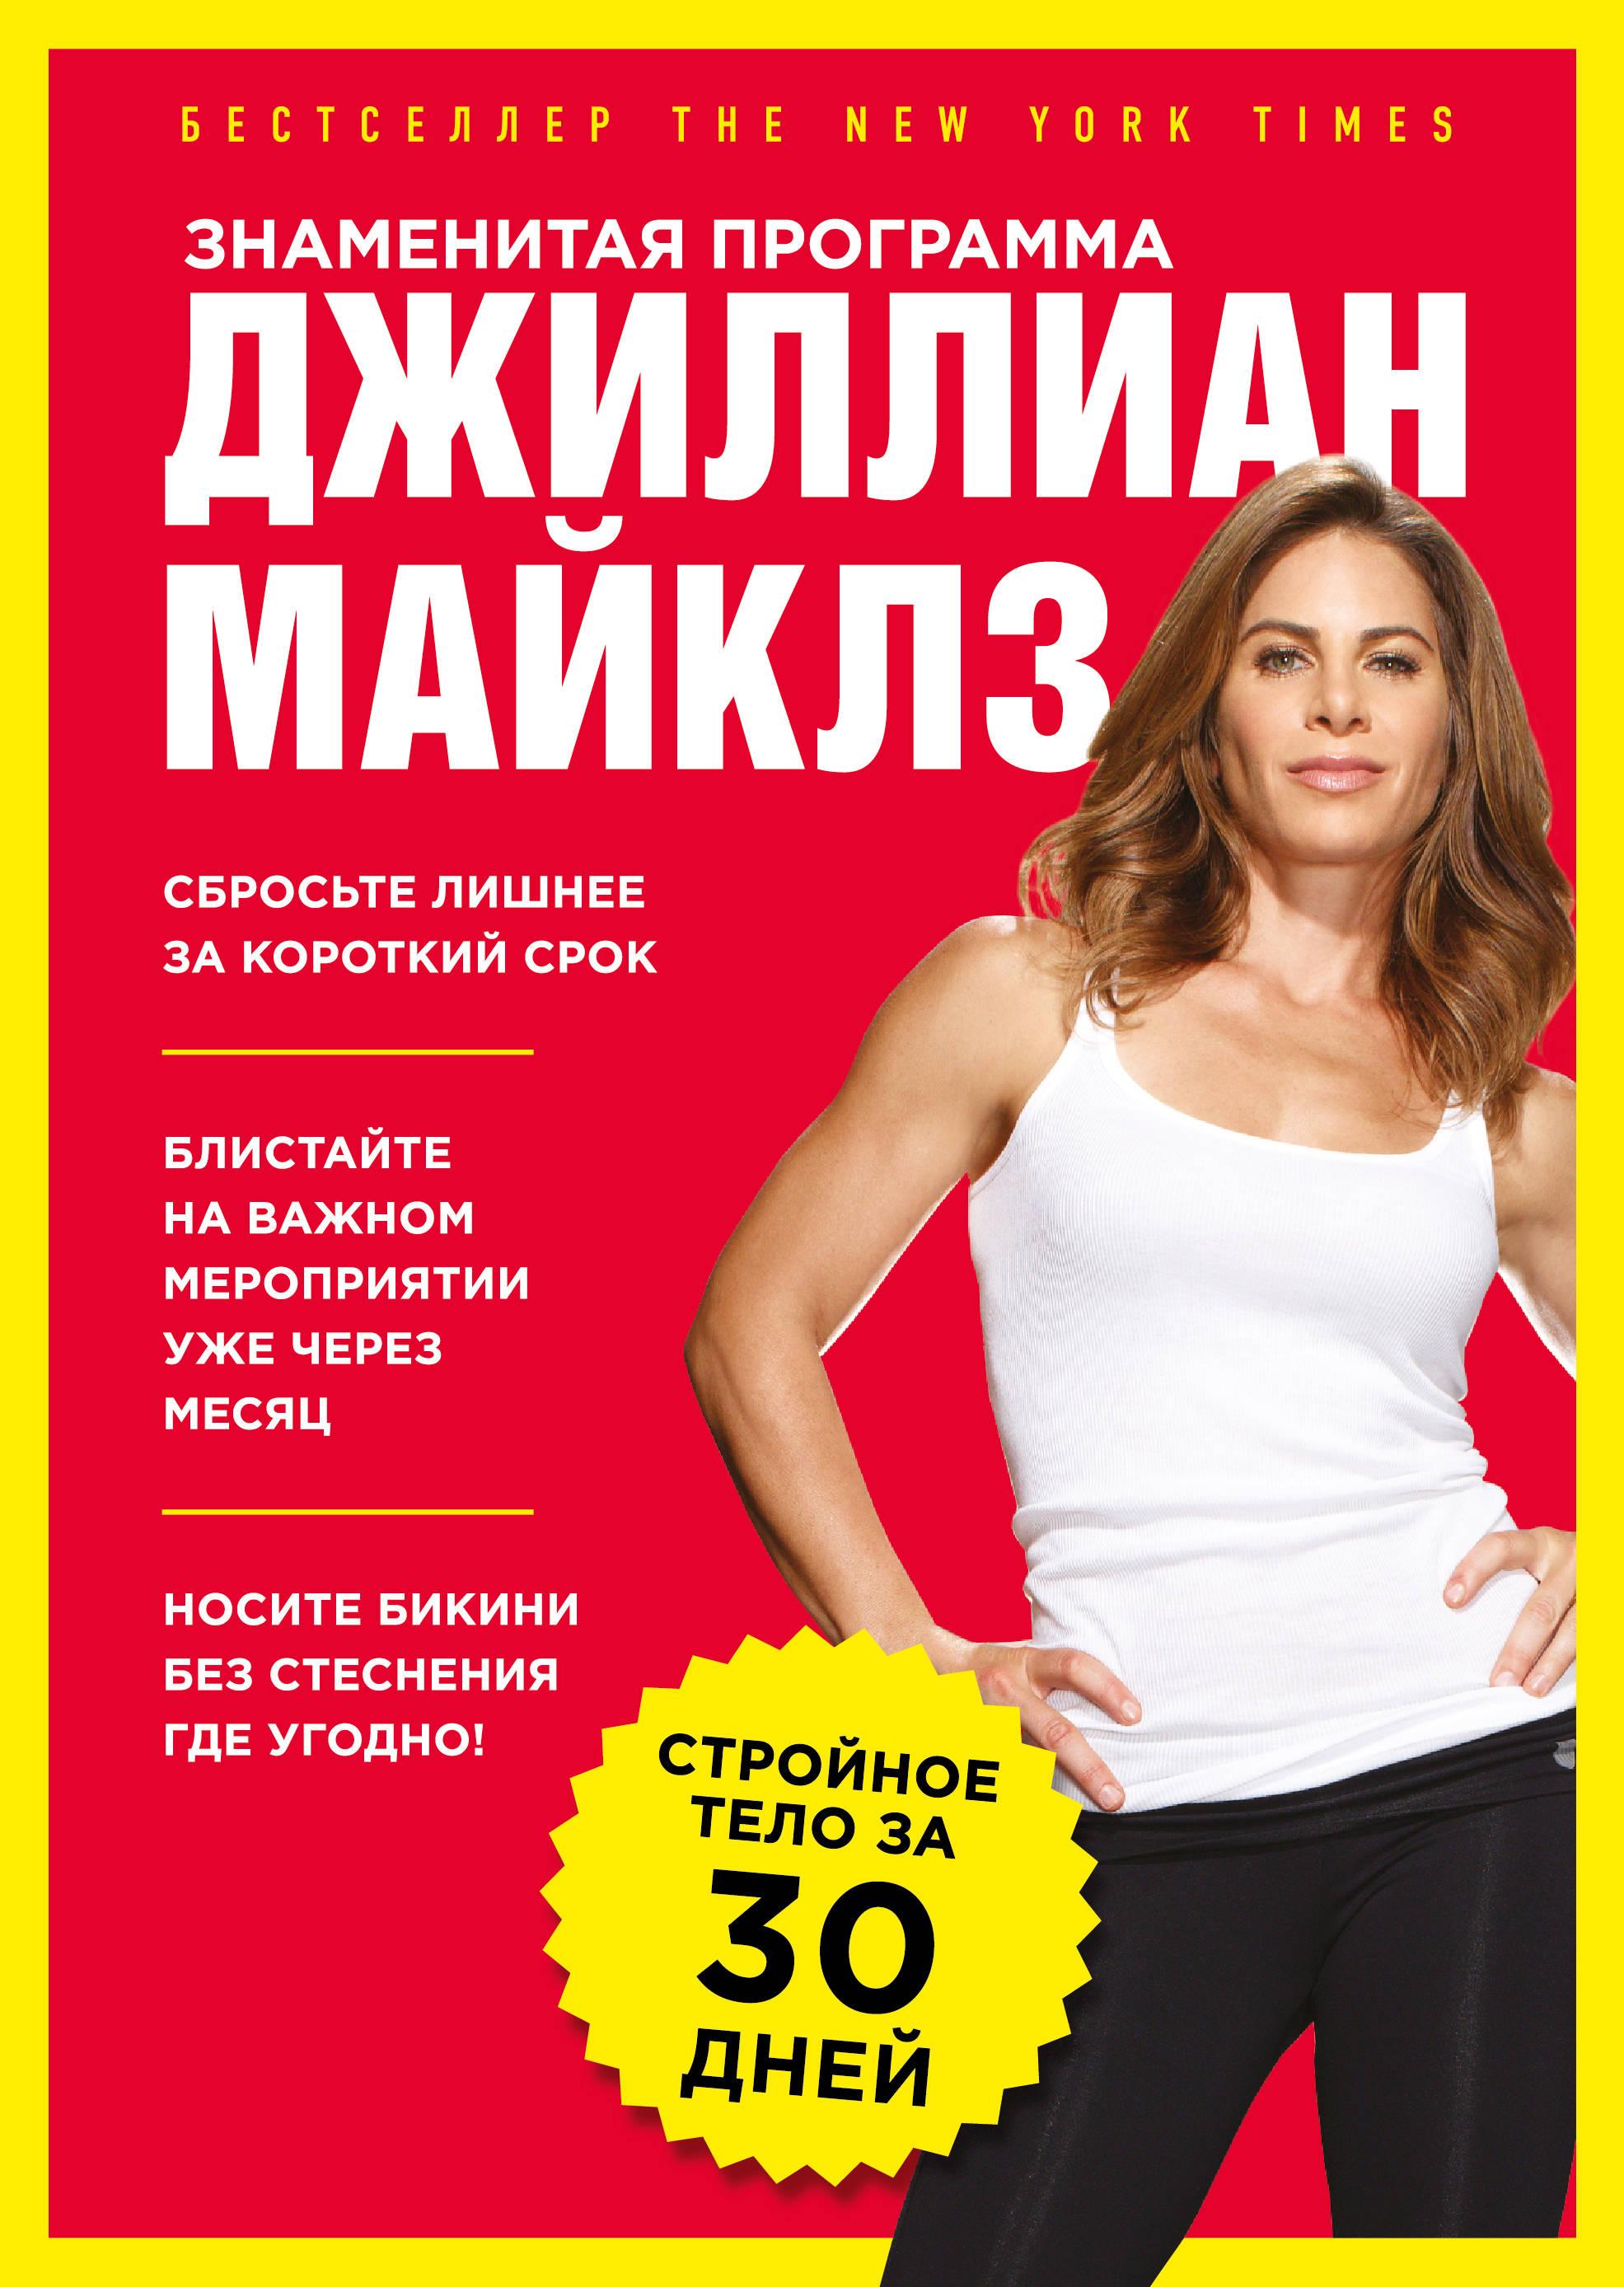 Знаменитая программа Джиллиан Майклз: стройное и здоровое тело за 30 дней от book24.ru